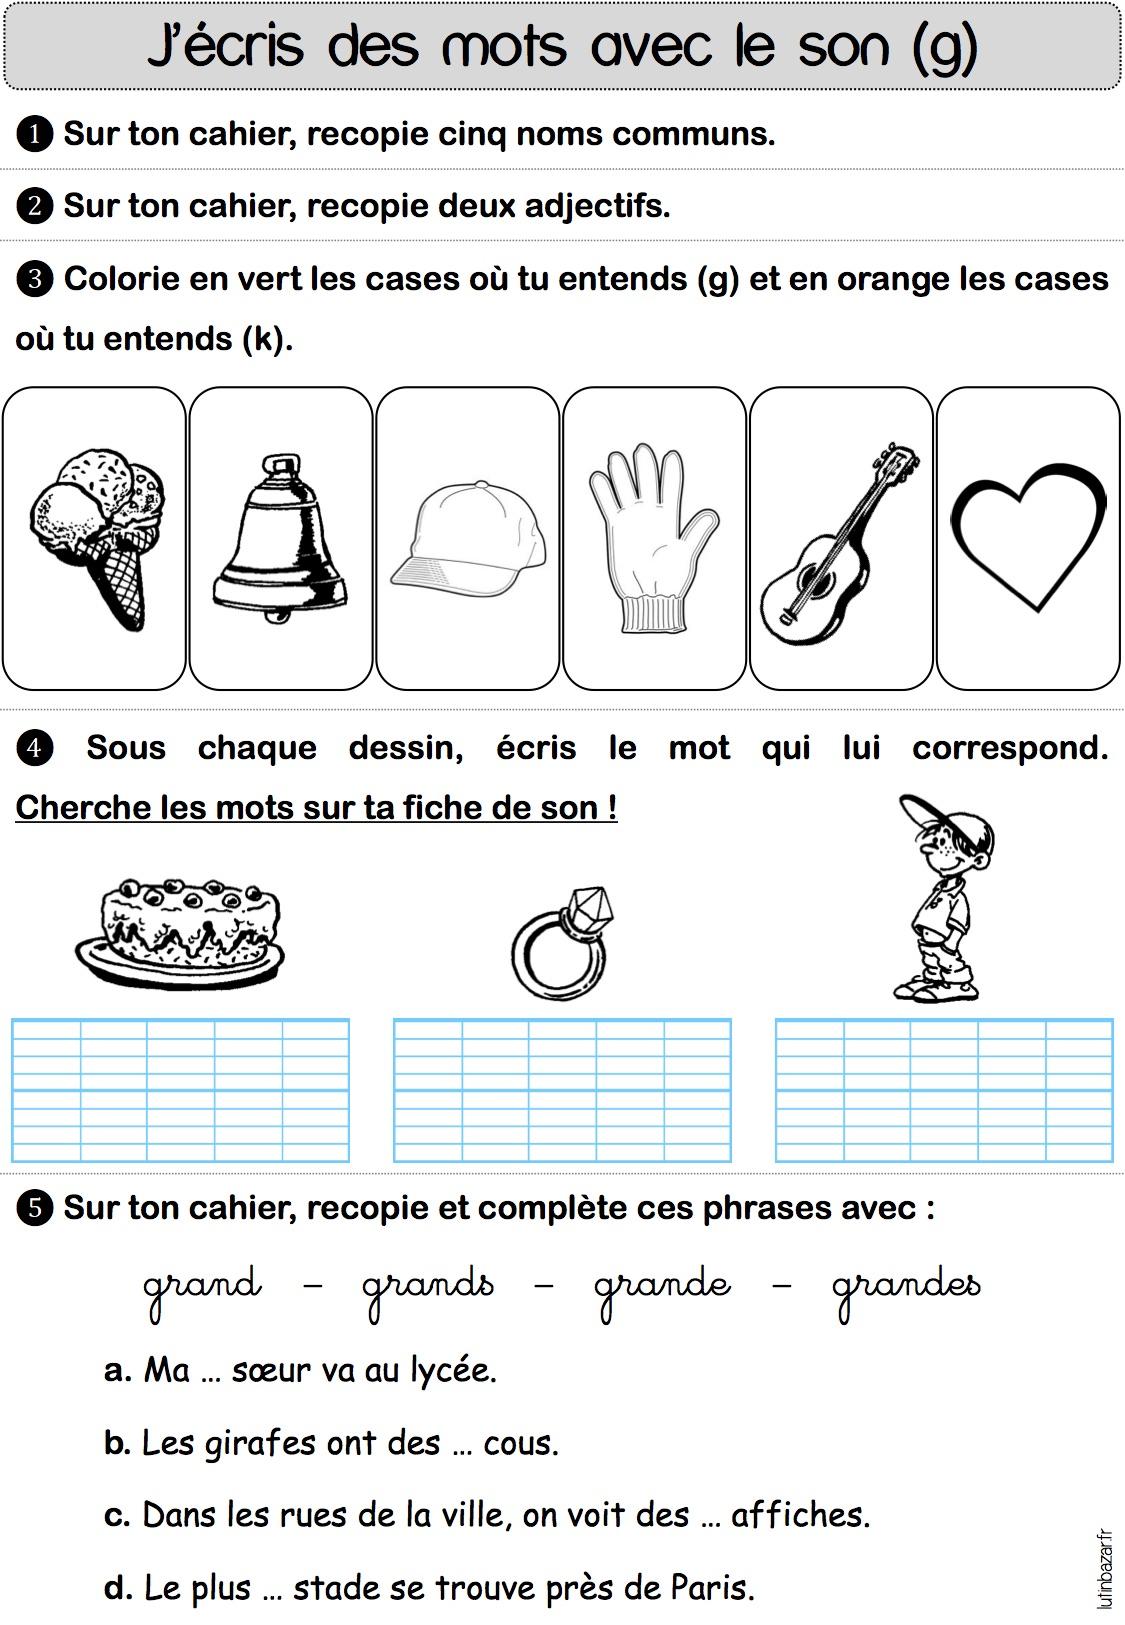 Francais Ce1 Rpi Bonneuil Angeac Bouteville